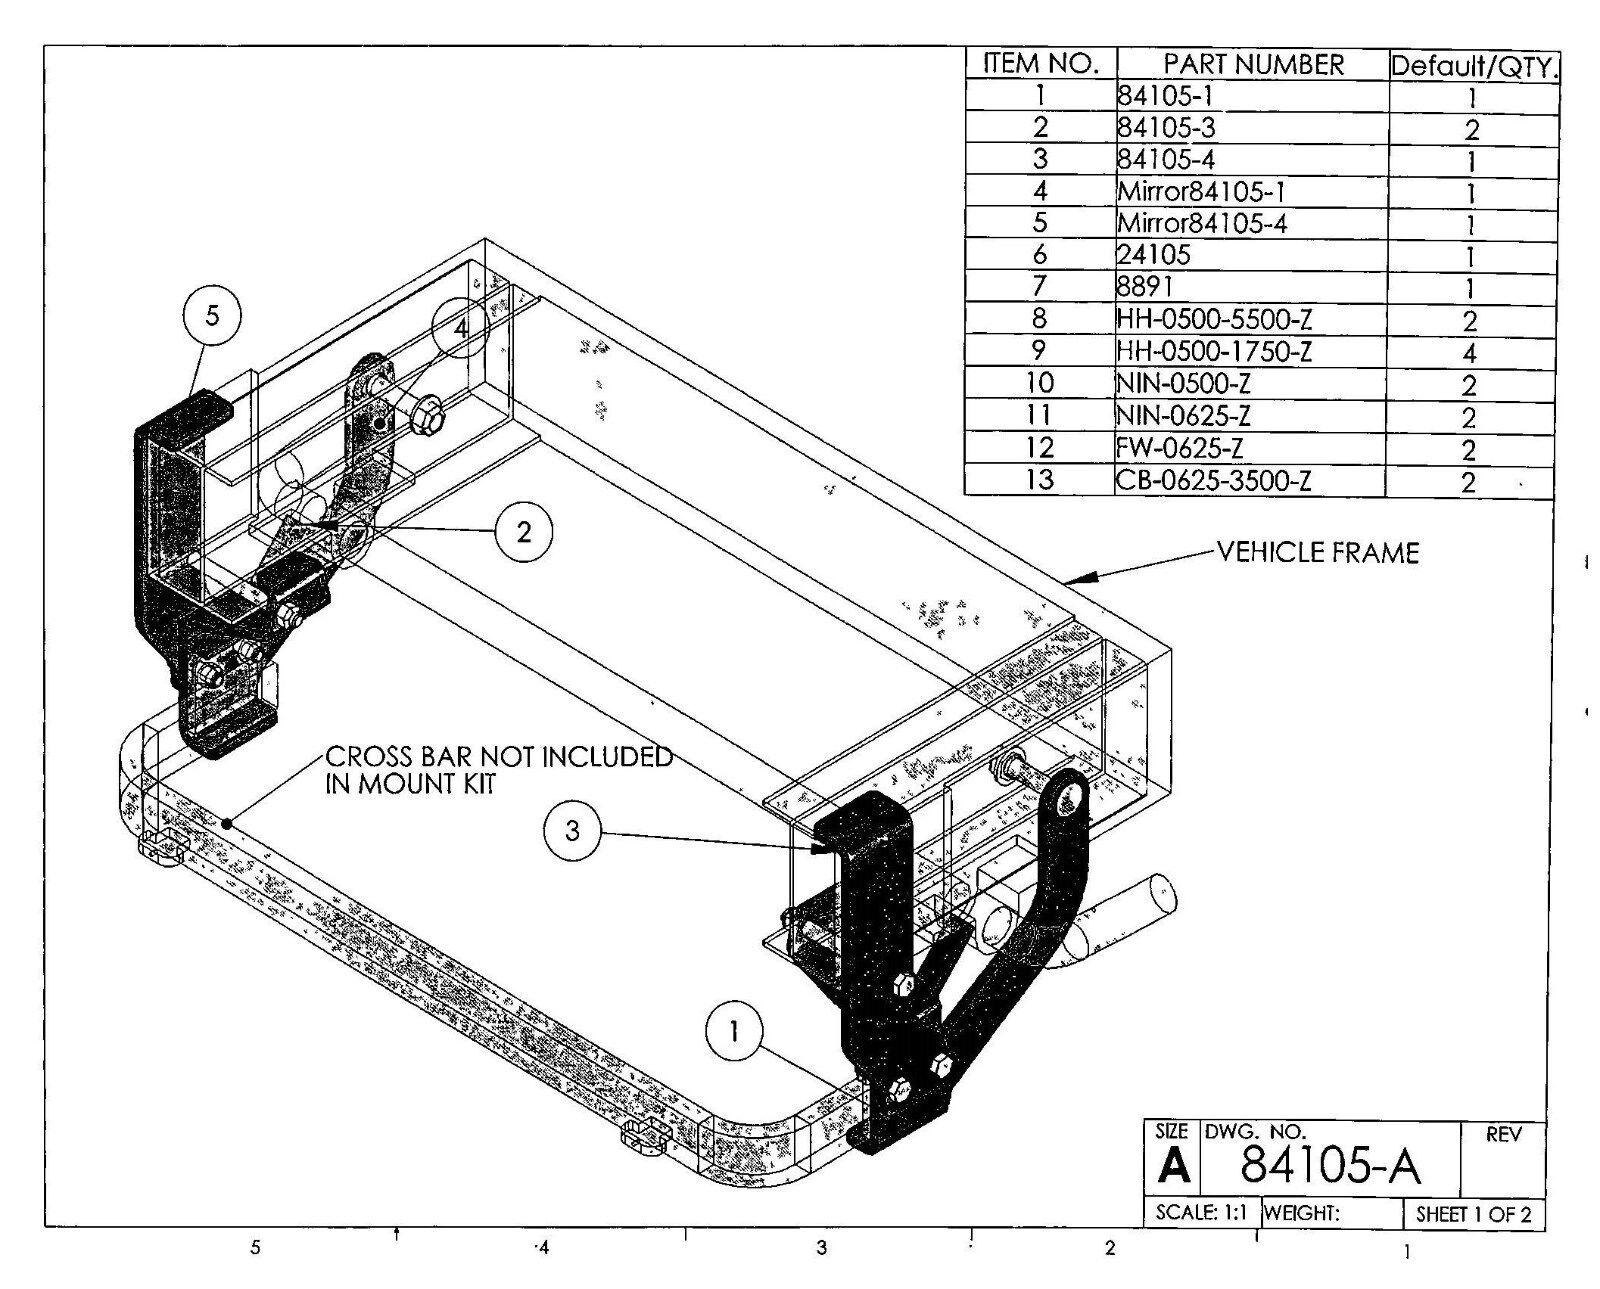 furnace transformer wiring diagram online wiring diagram Oil Furnace Wiring Schematic hvac transformer diagram wiring diagram databasearmstrong furnace diagram 10 ulrich temme de hvac transformer wiring diagram